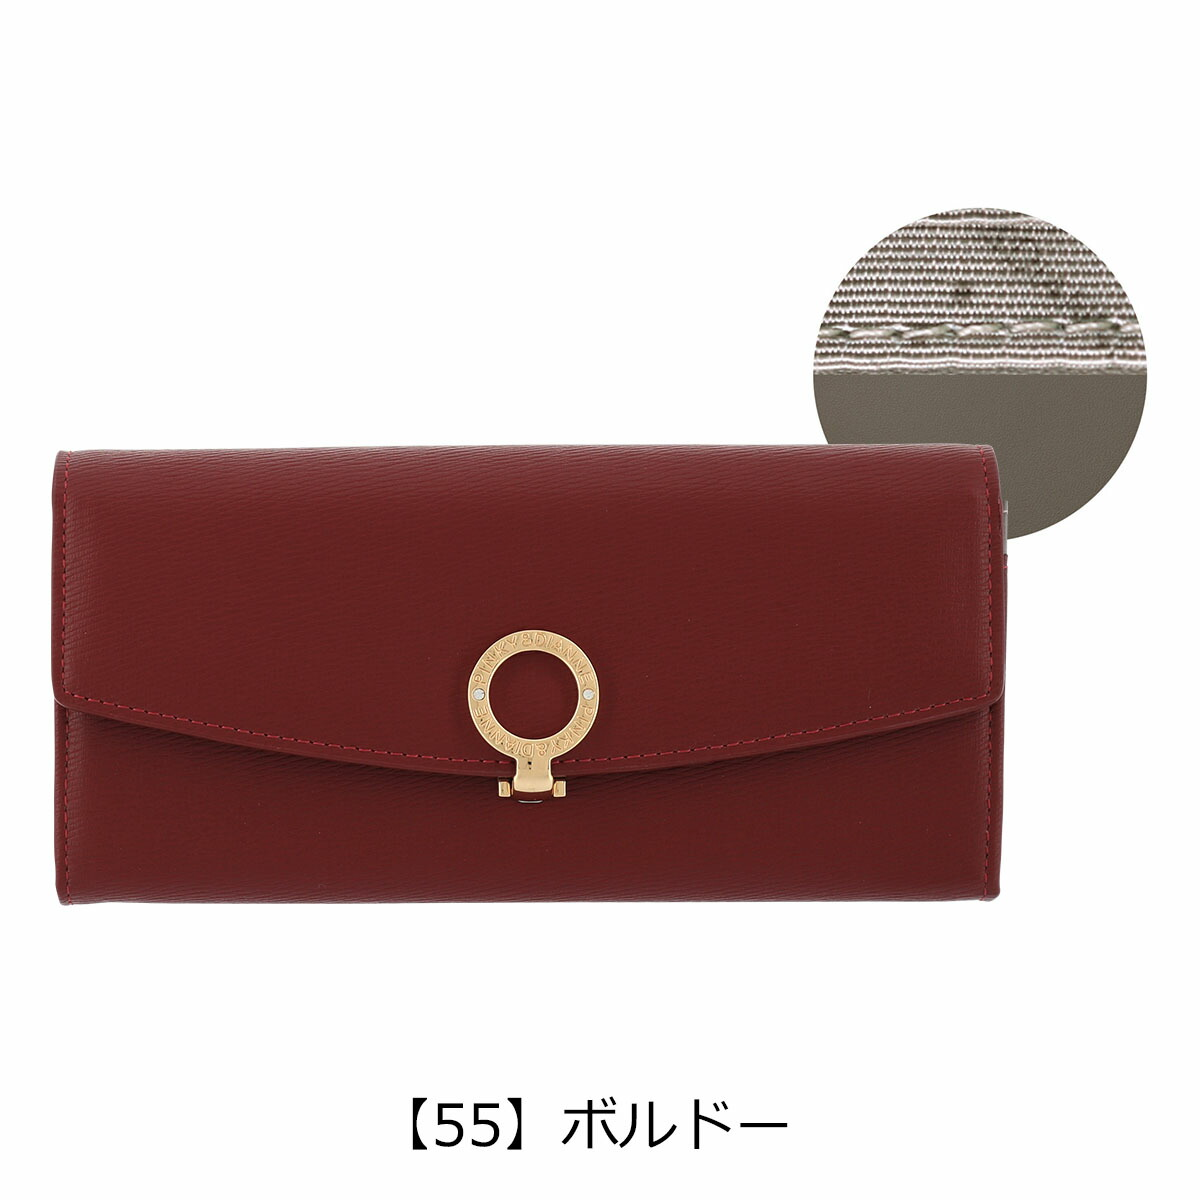 【55】ボルドー